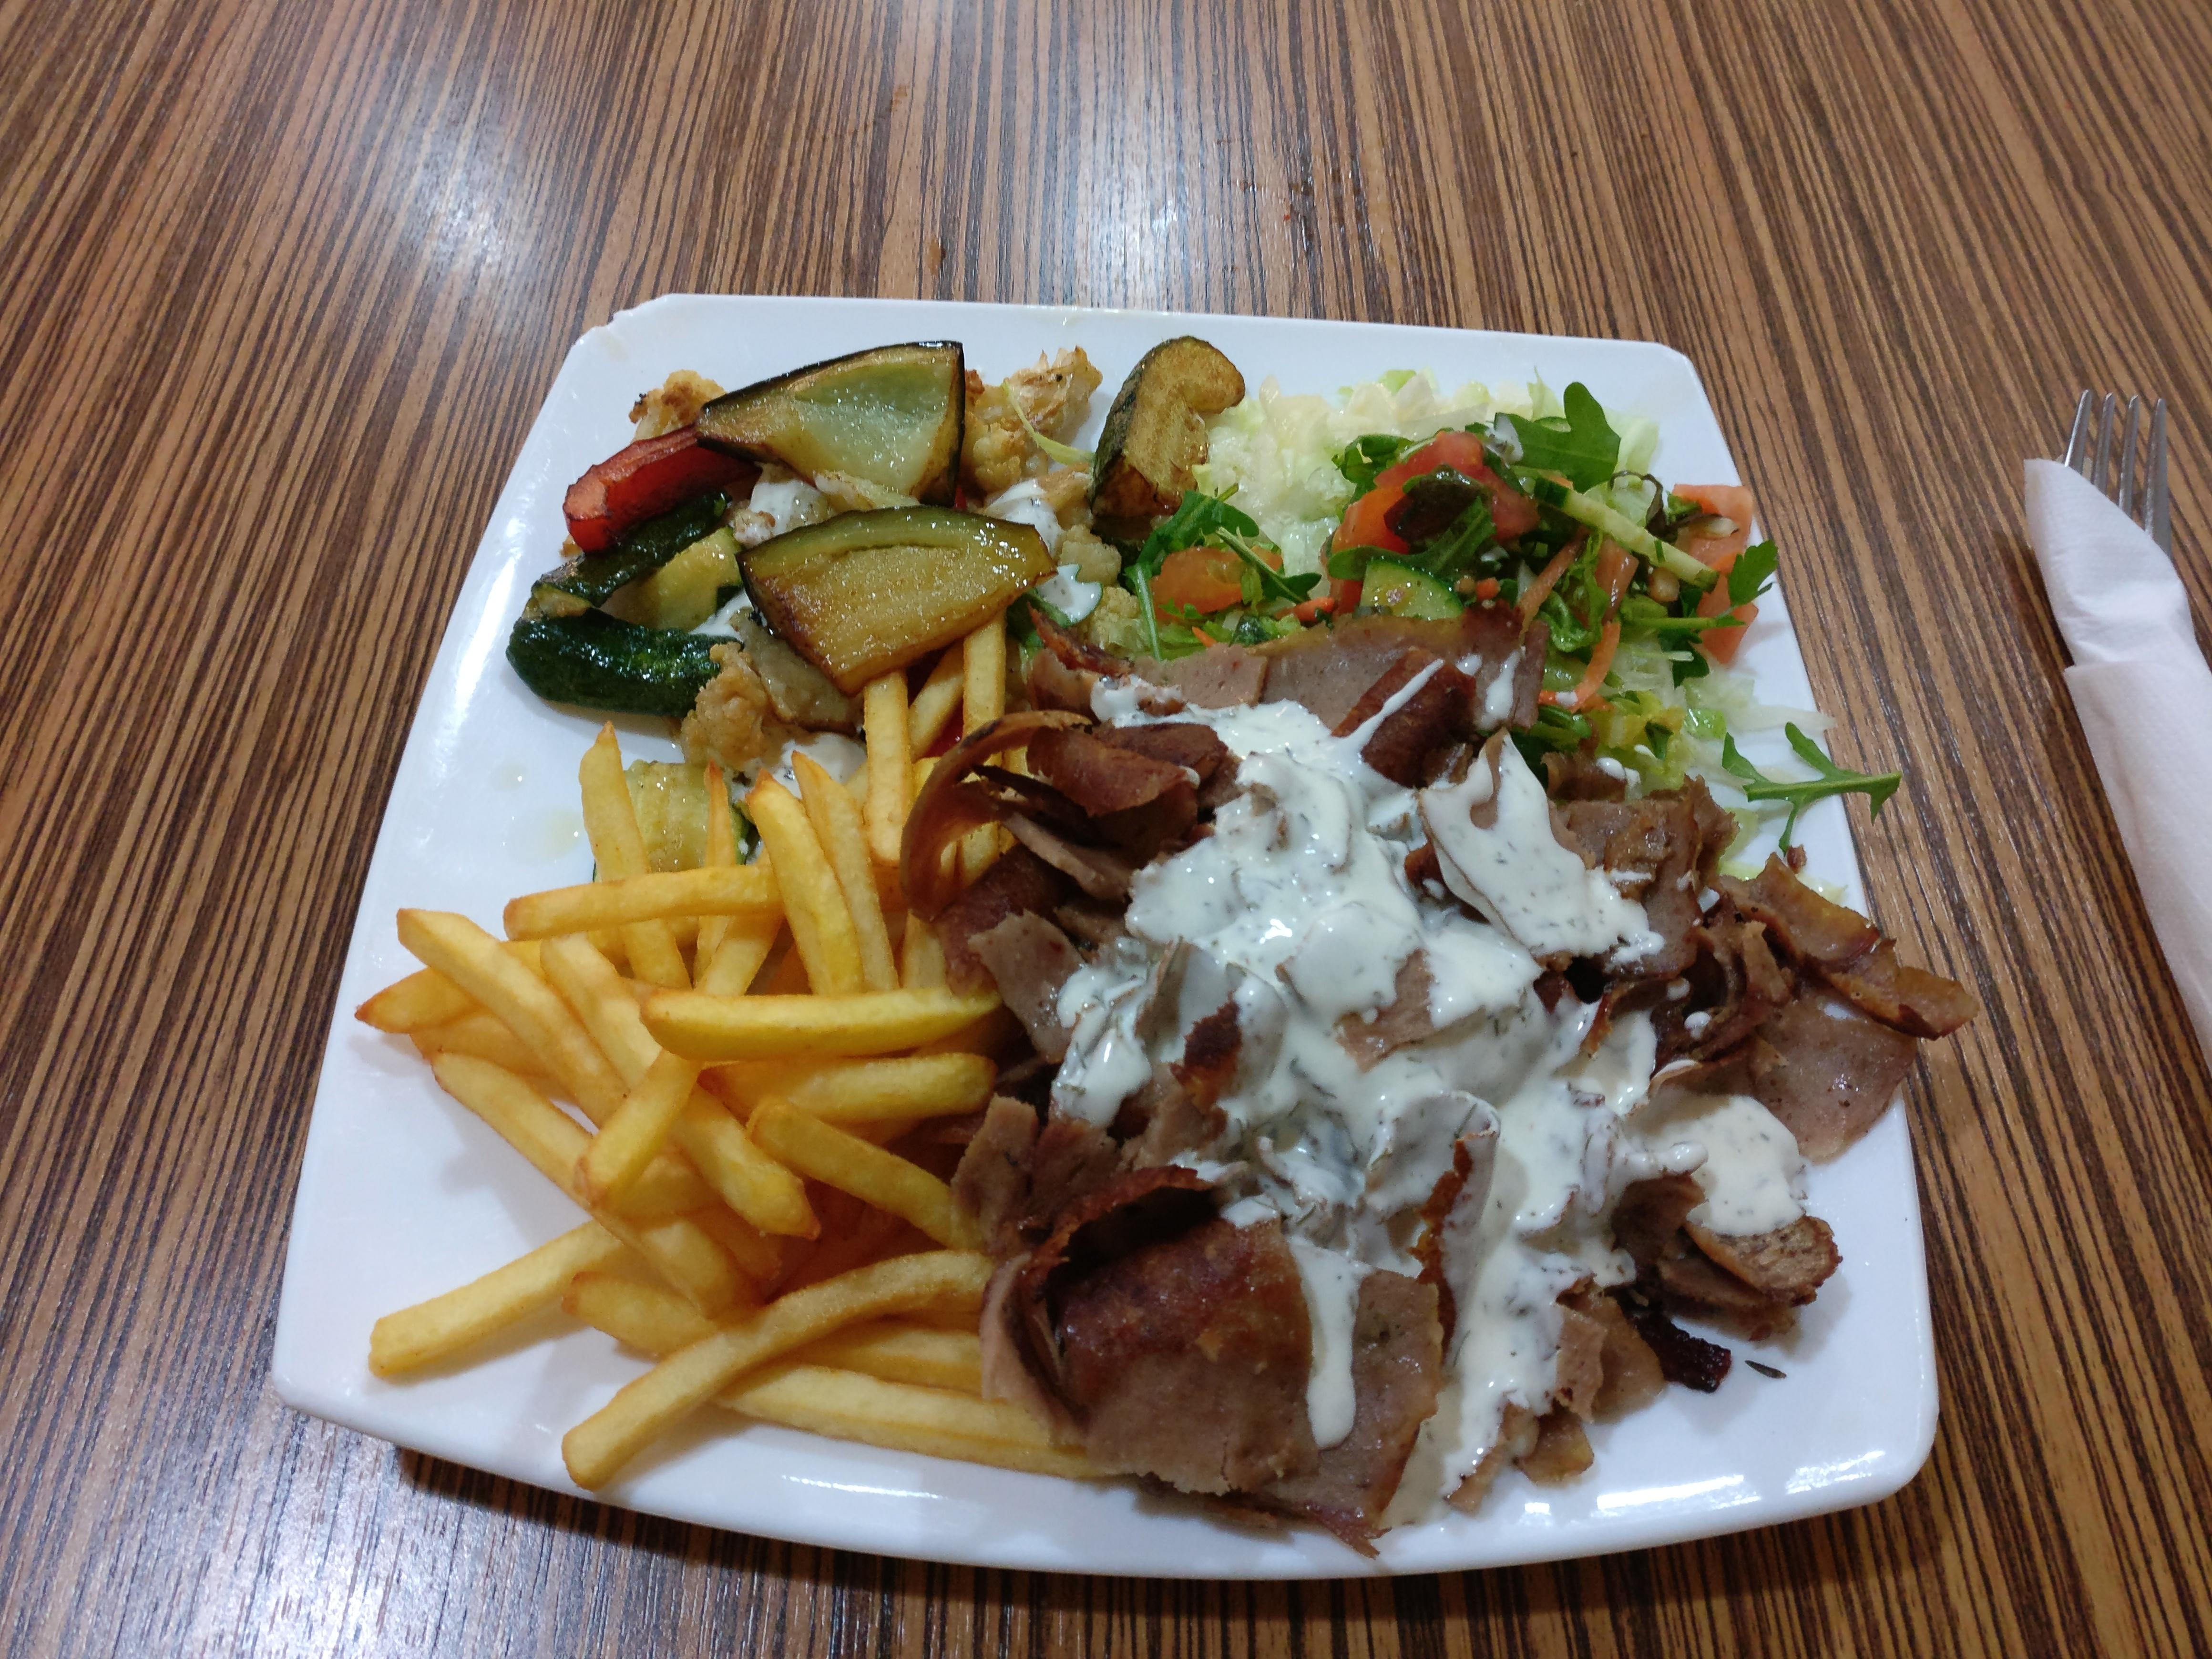 http://foodloader.net/nico_2017-02-16_doenerteller-pommes-grillgemuese-salat.jpg